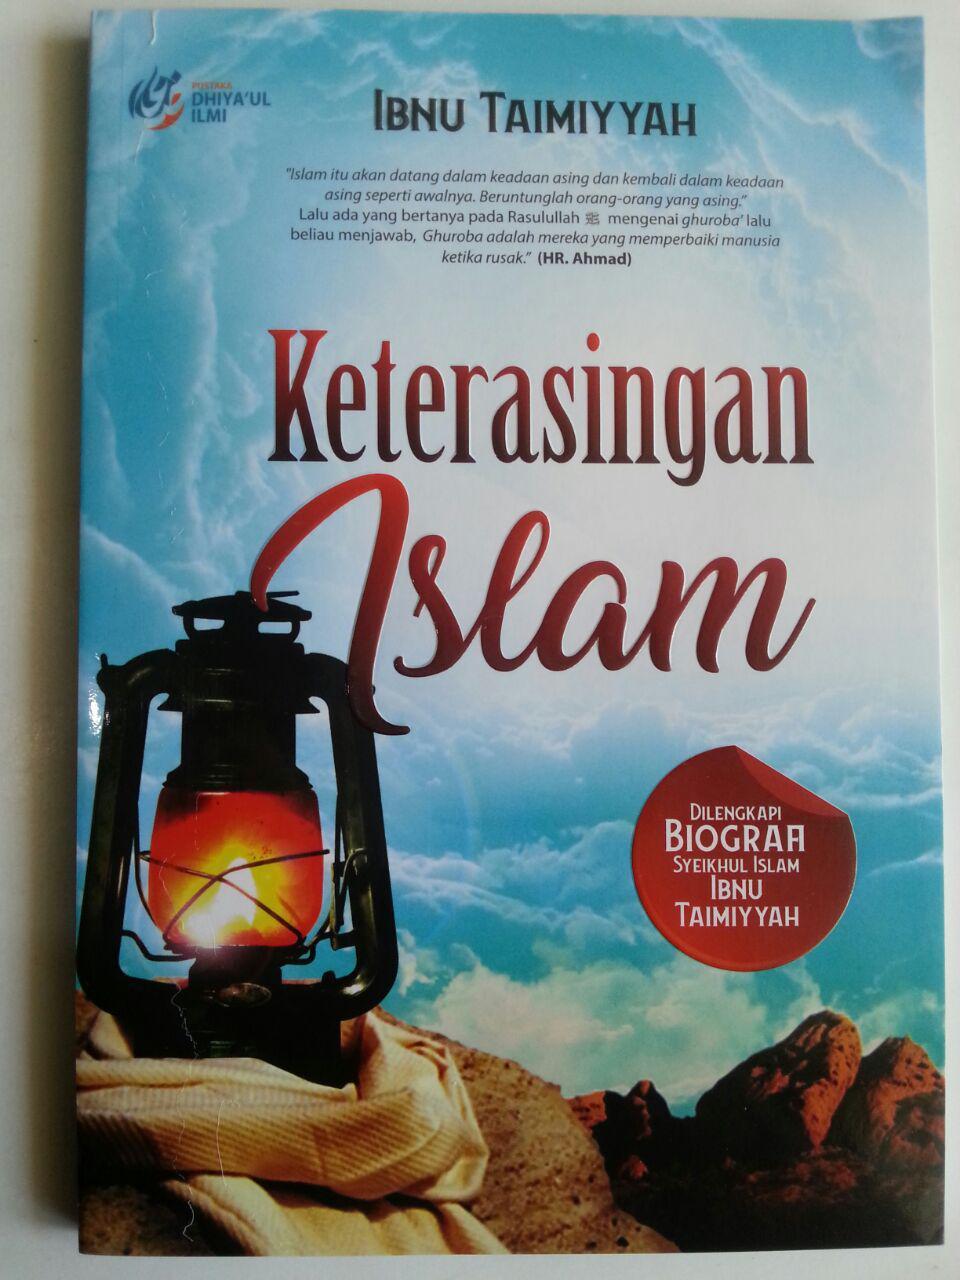 Buku Keterasingan Islam Dilengkapi Biografi Ibnu Taimiyyah cover 2